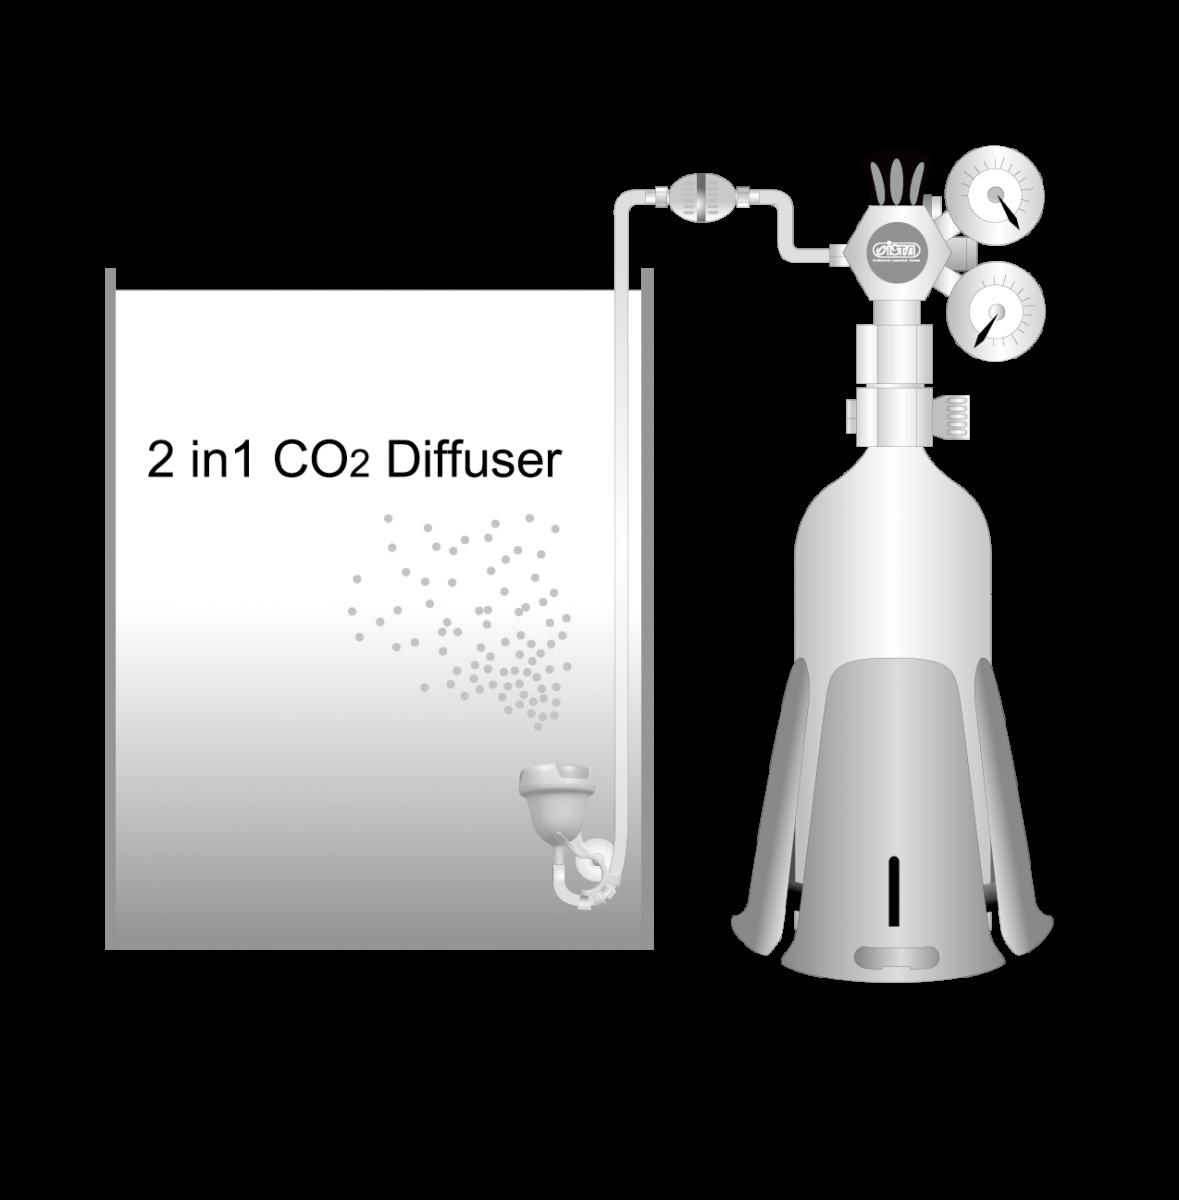 ISTA 2 in 1 CO2 Diffuser L